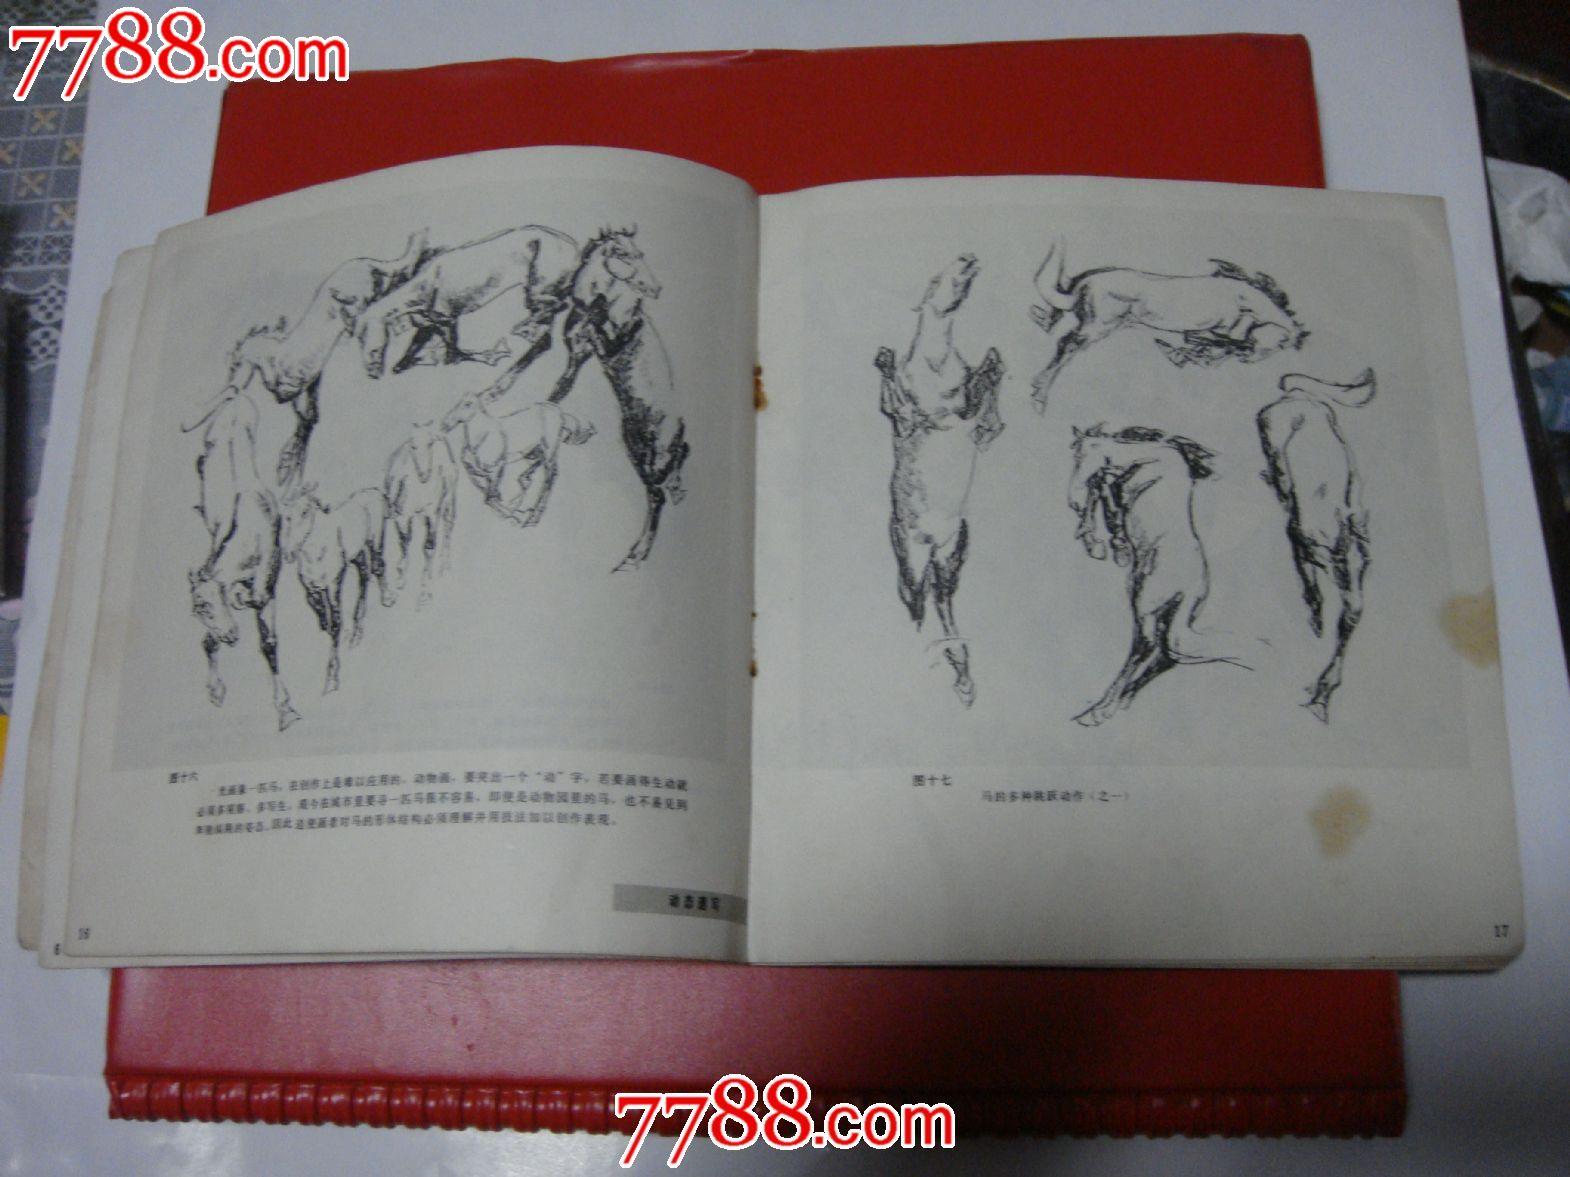 上海书画出版社【中国画技法入门~怎样图片